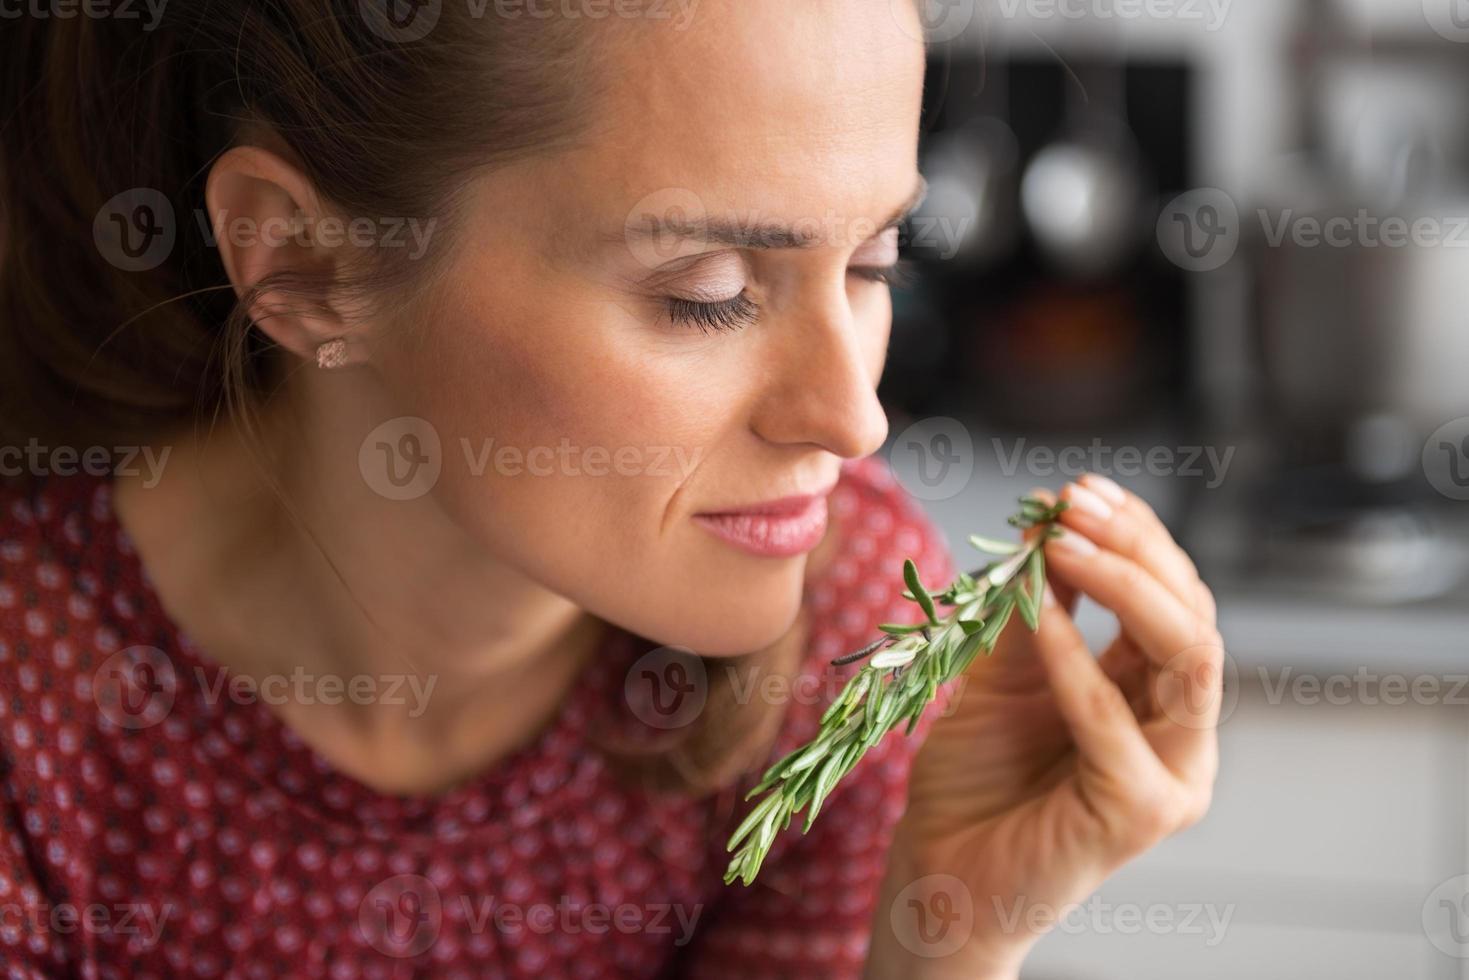 jonge huisvrouw genieten van verse rosmarinus foto